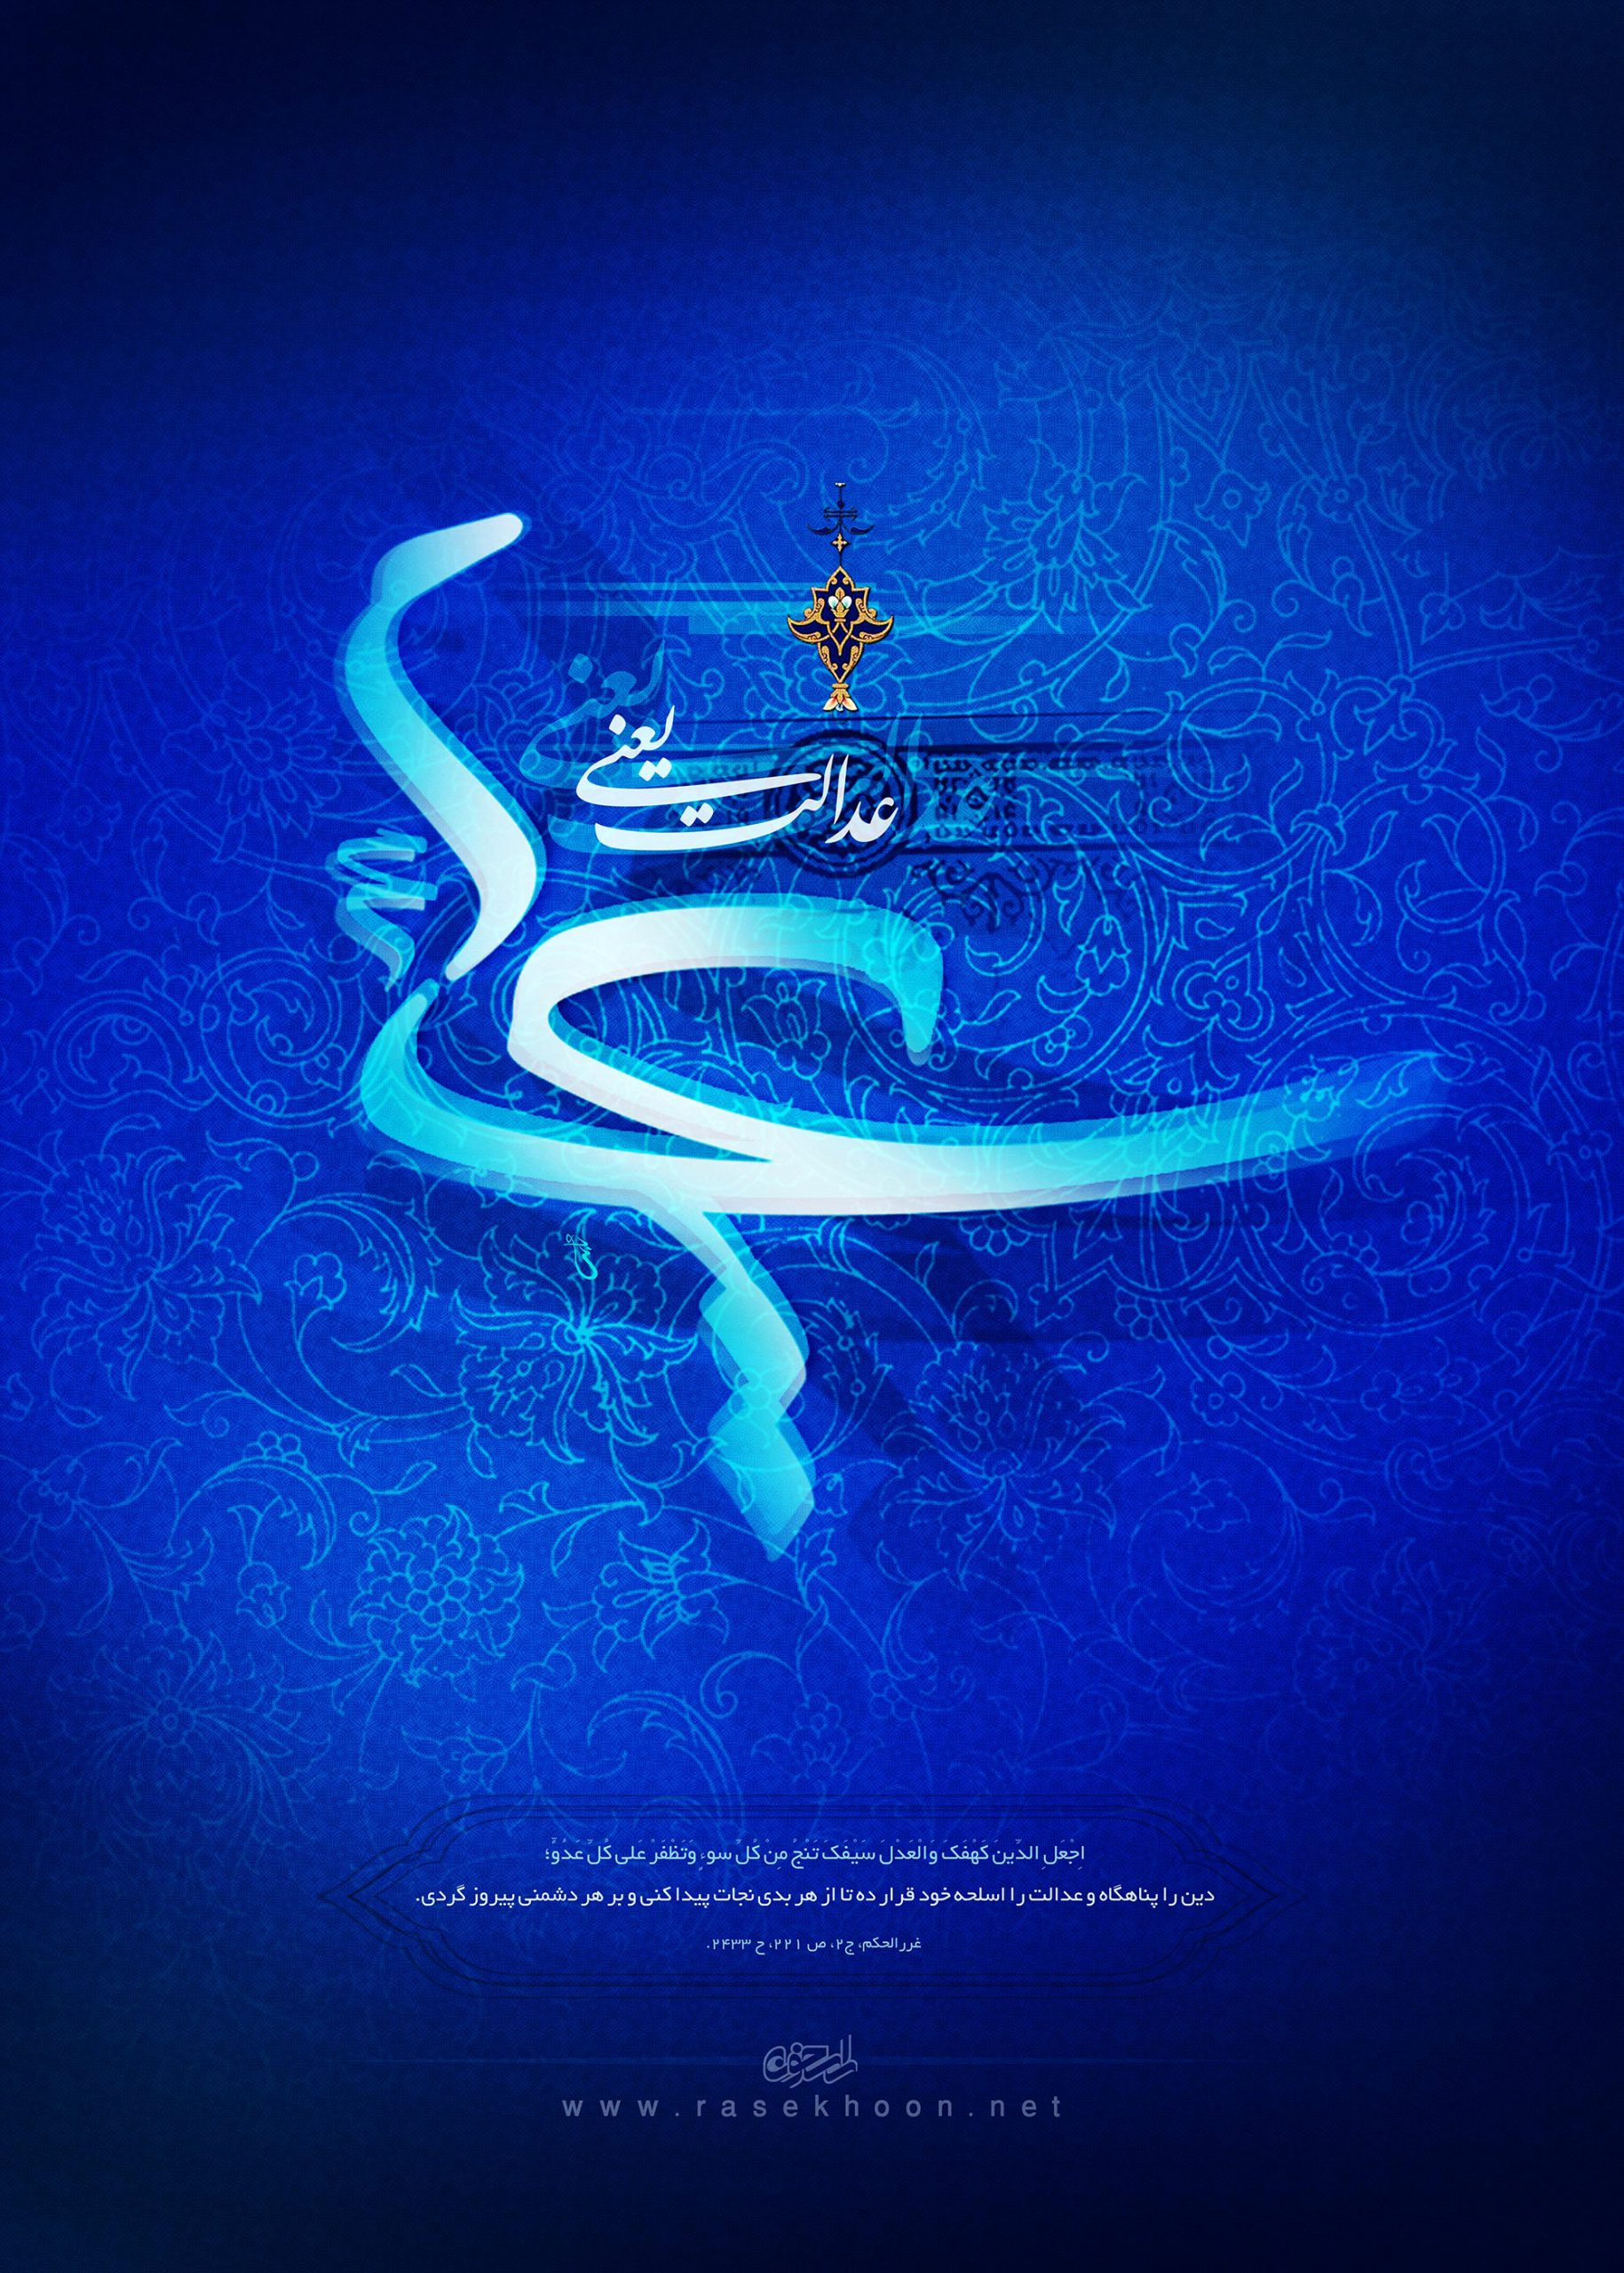 ۱۳رجب ولادت حضرت علی (ع) ویژه نامه ولادت امیرالمومنین علی (ع) ALI scaled